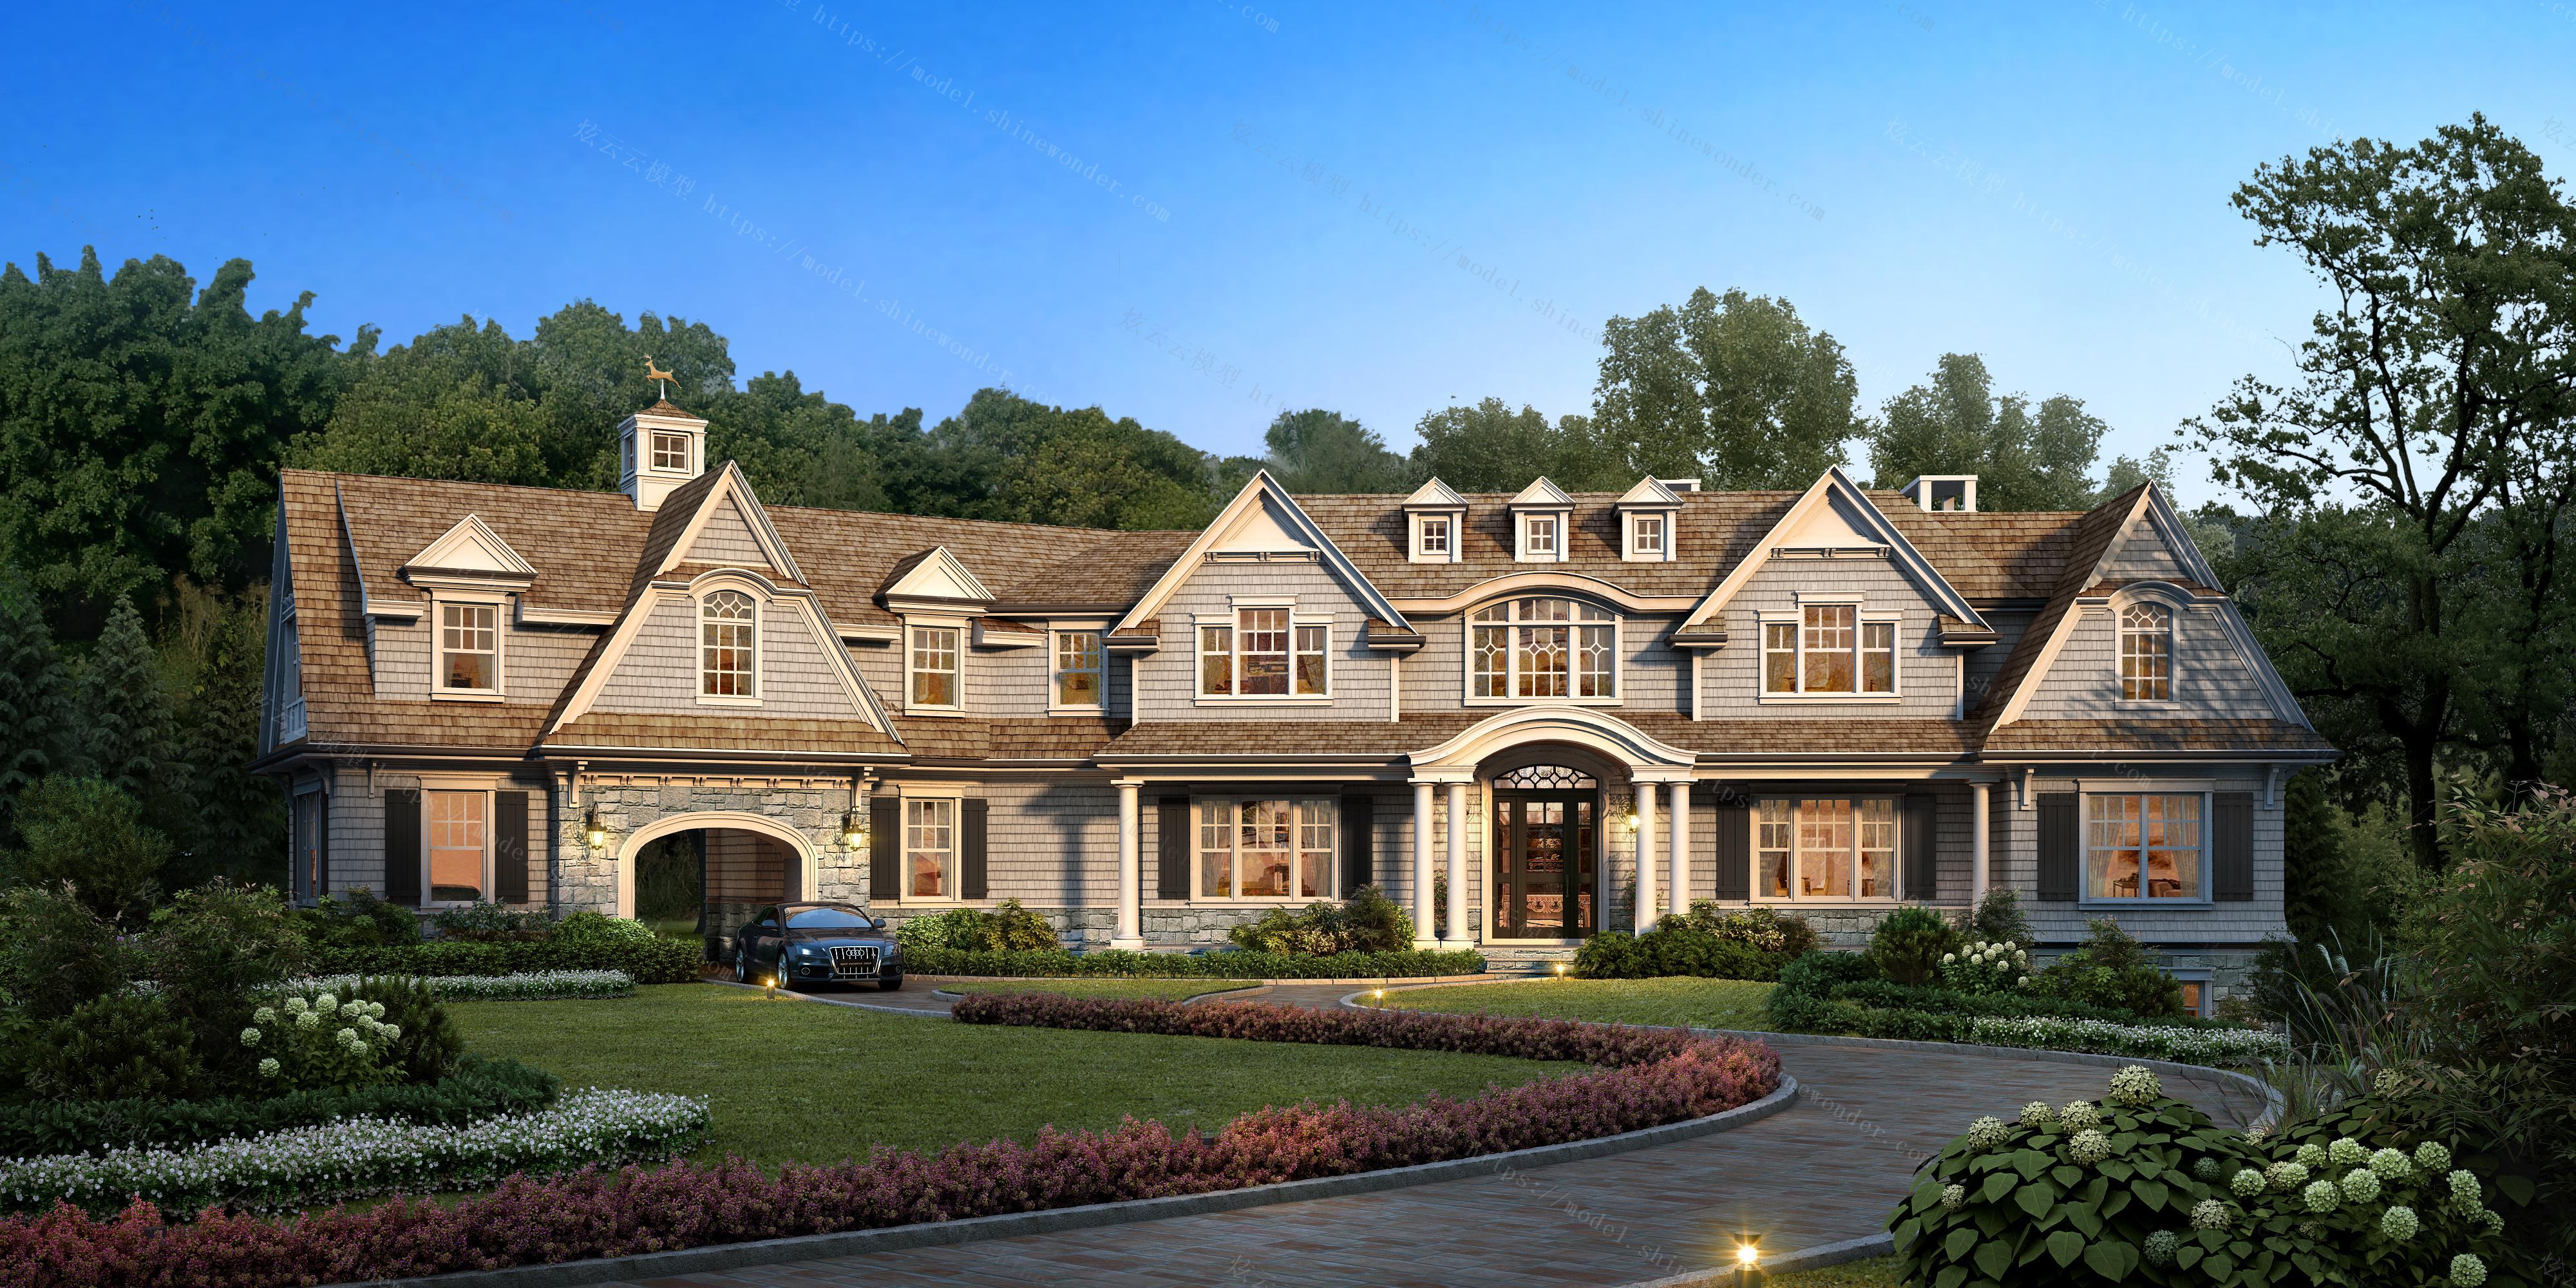 美式别墅所建筑别墅模型最实用外观图片